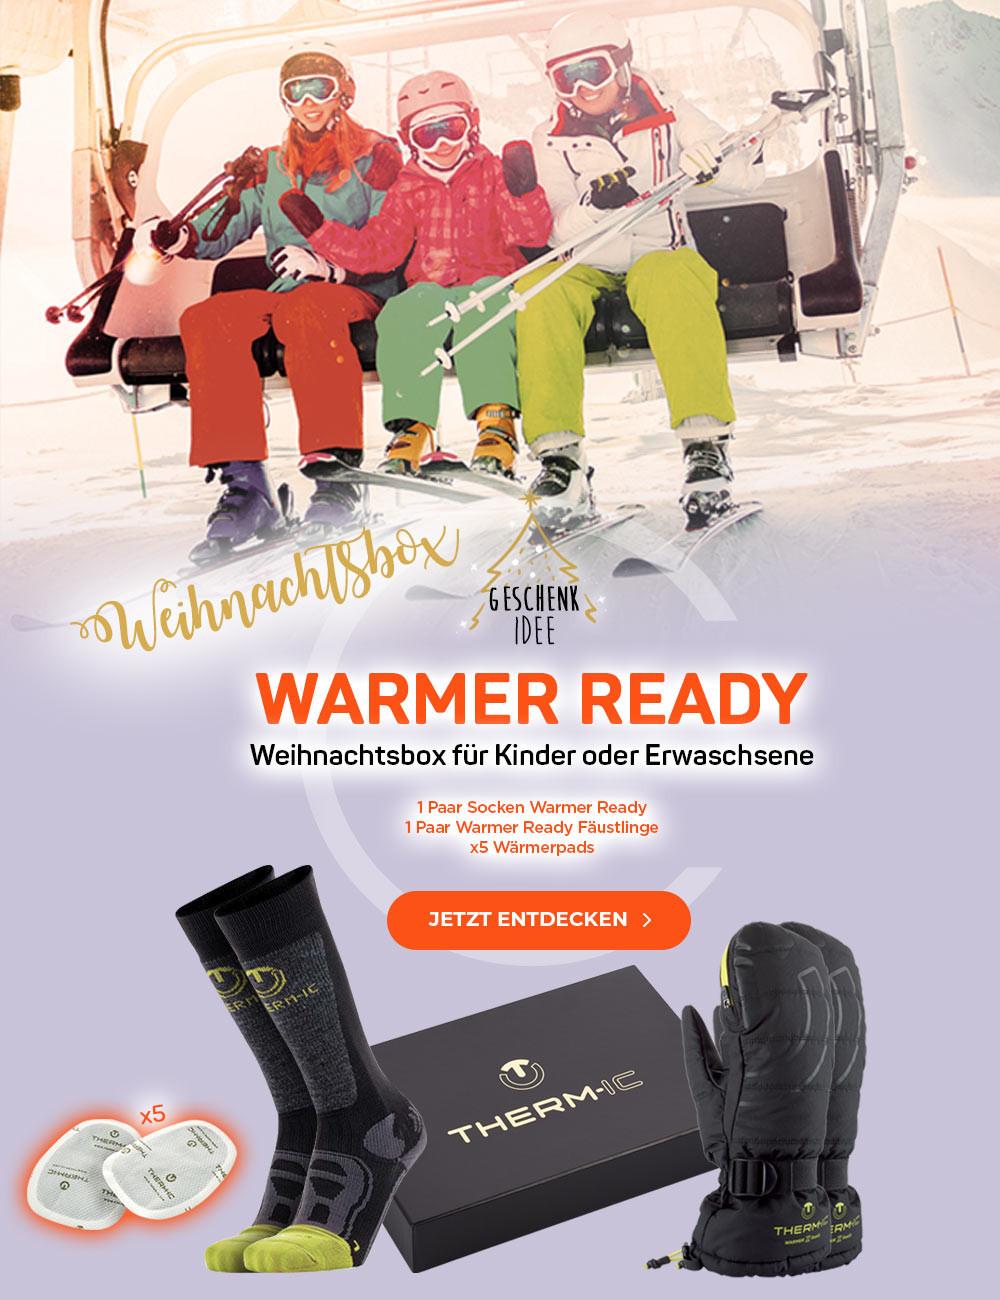 Weihnachtsbox Wärmer Bereit für Kinder oder Erwachsene